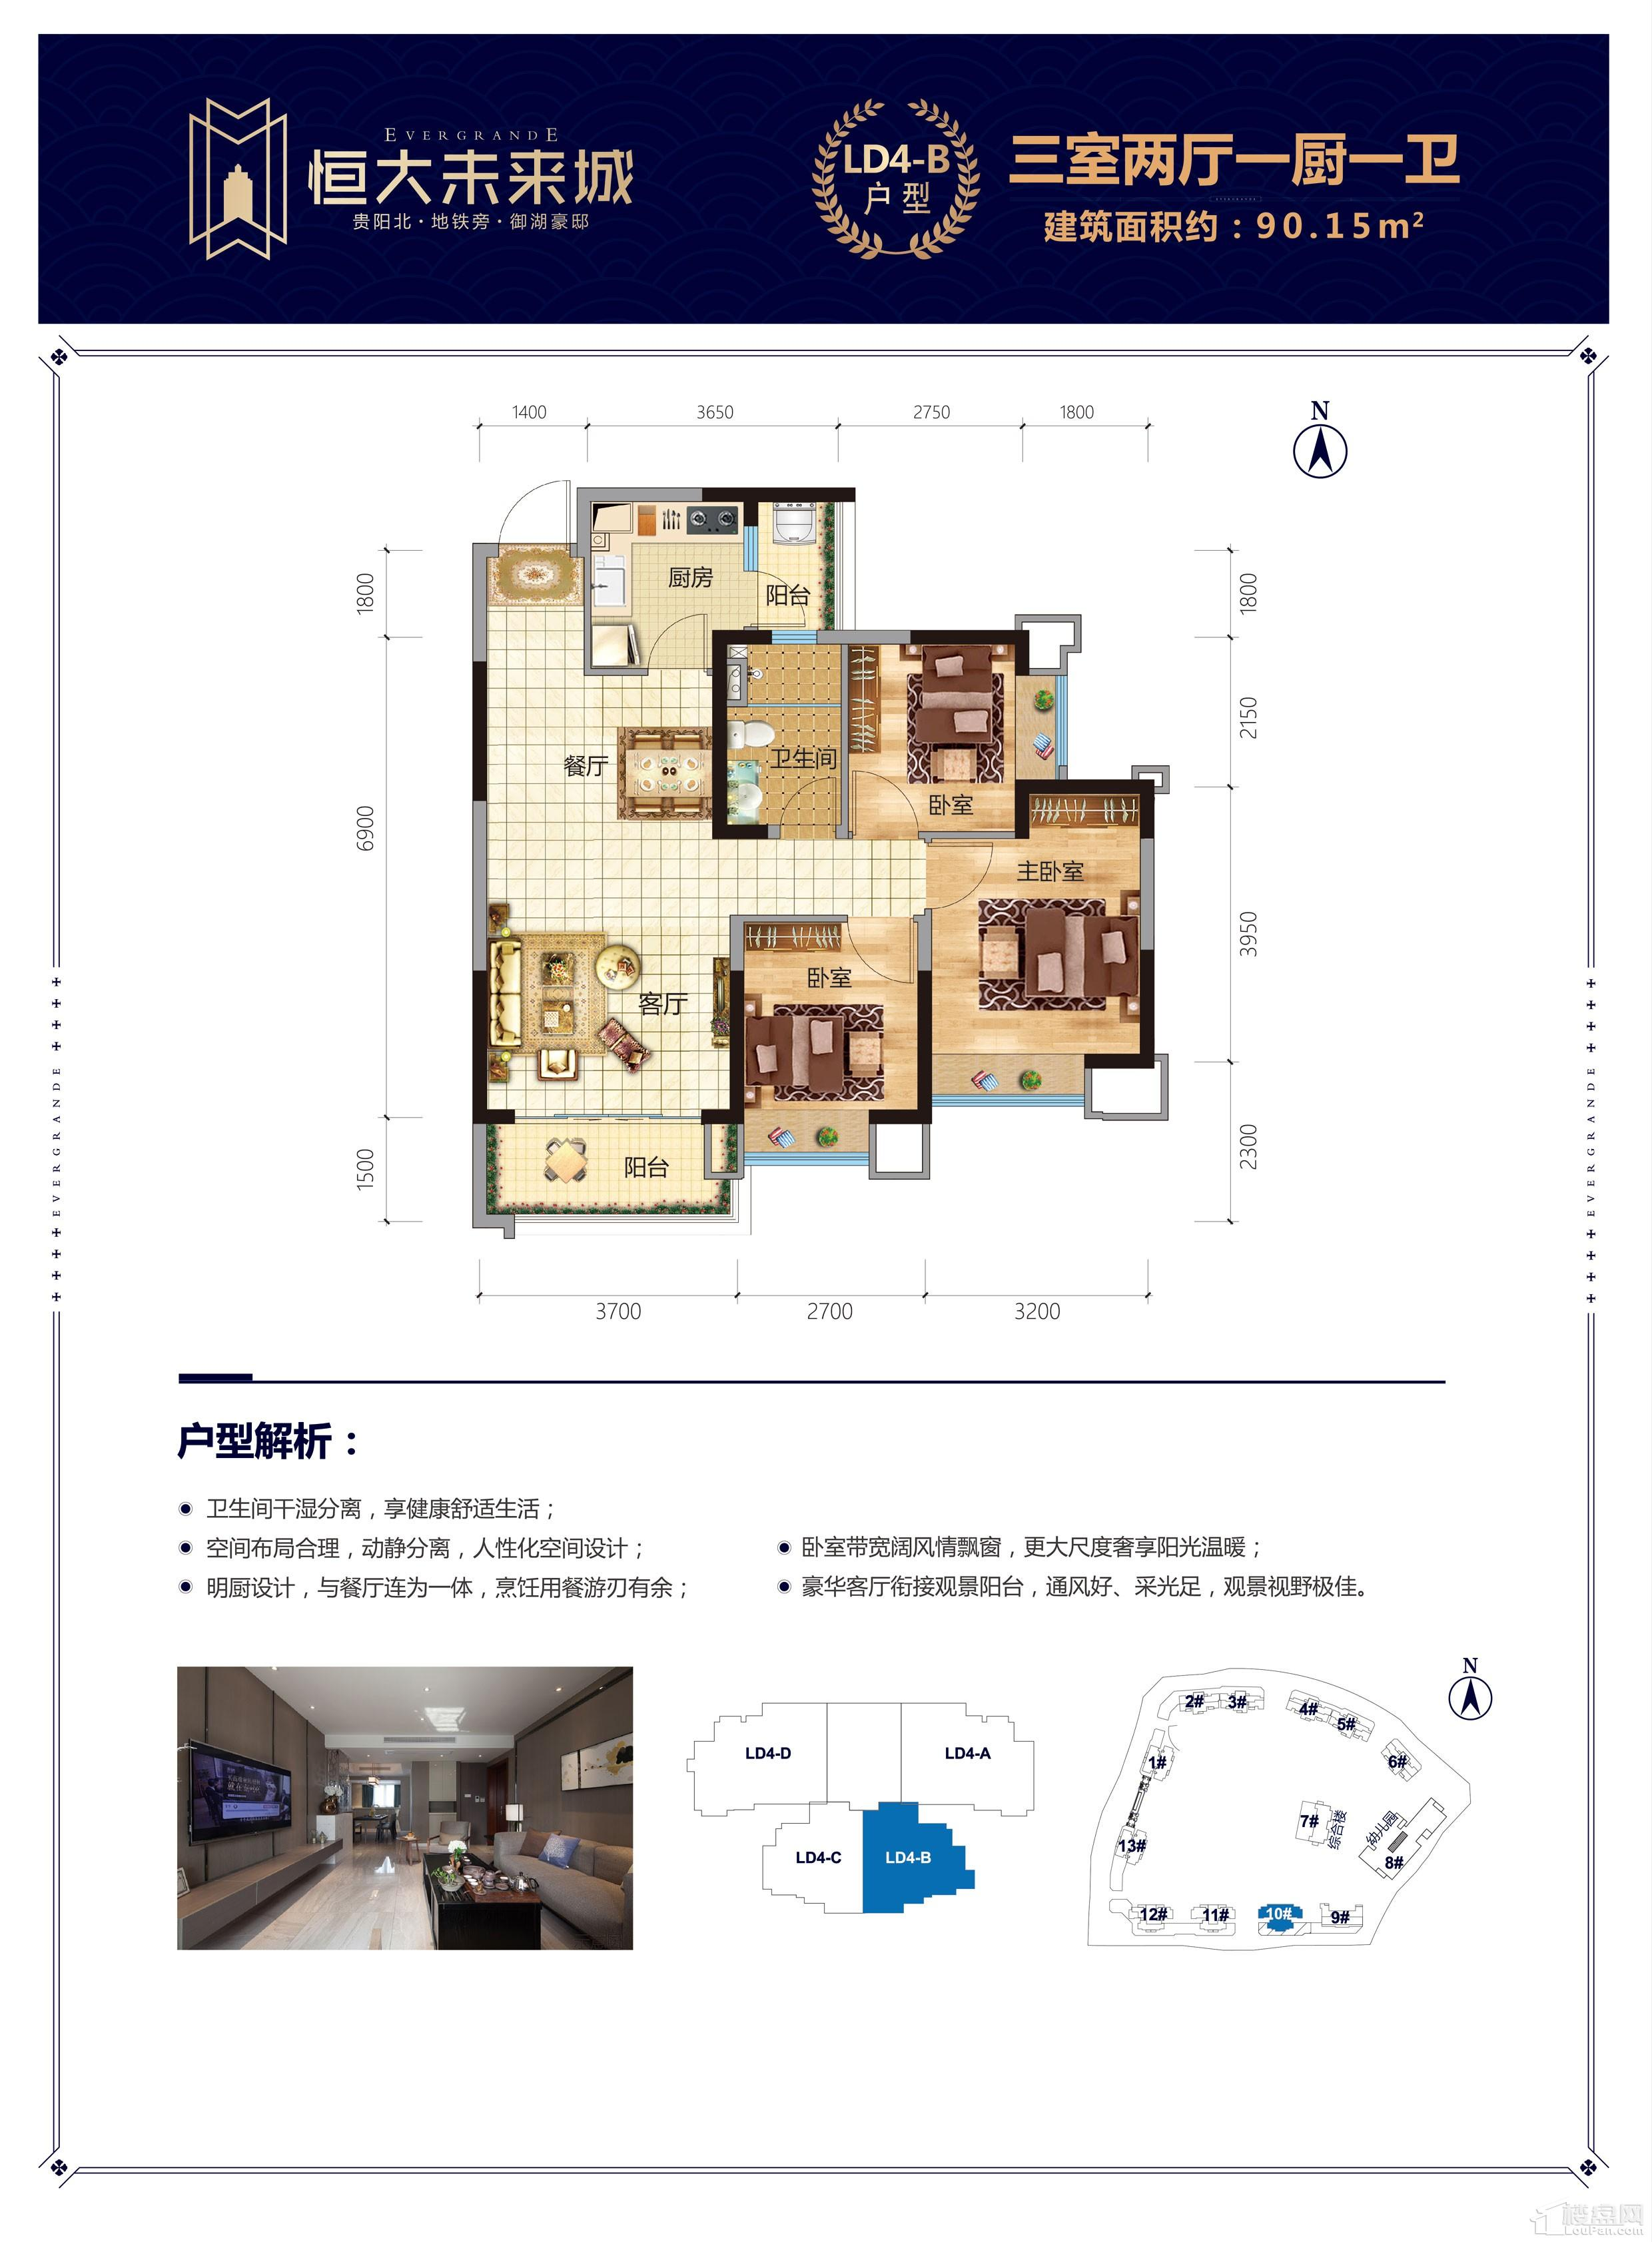 恒大未来城LD4-B户型